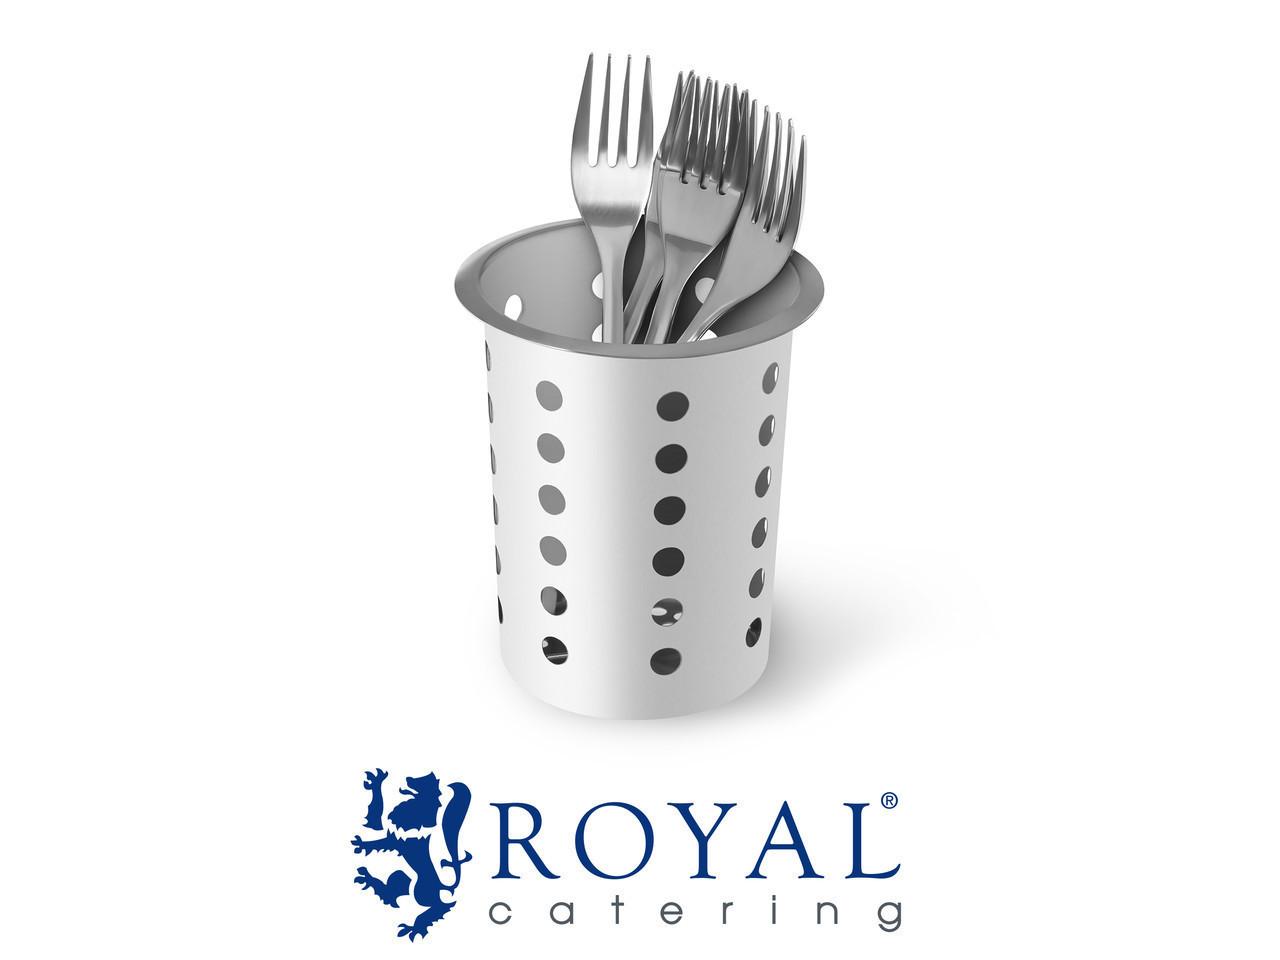 Тримач столових приладів ROYAL